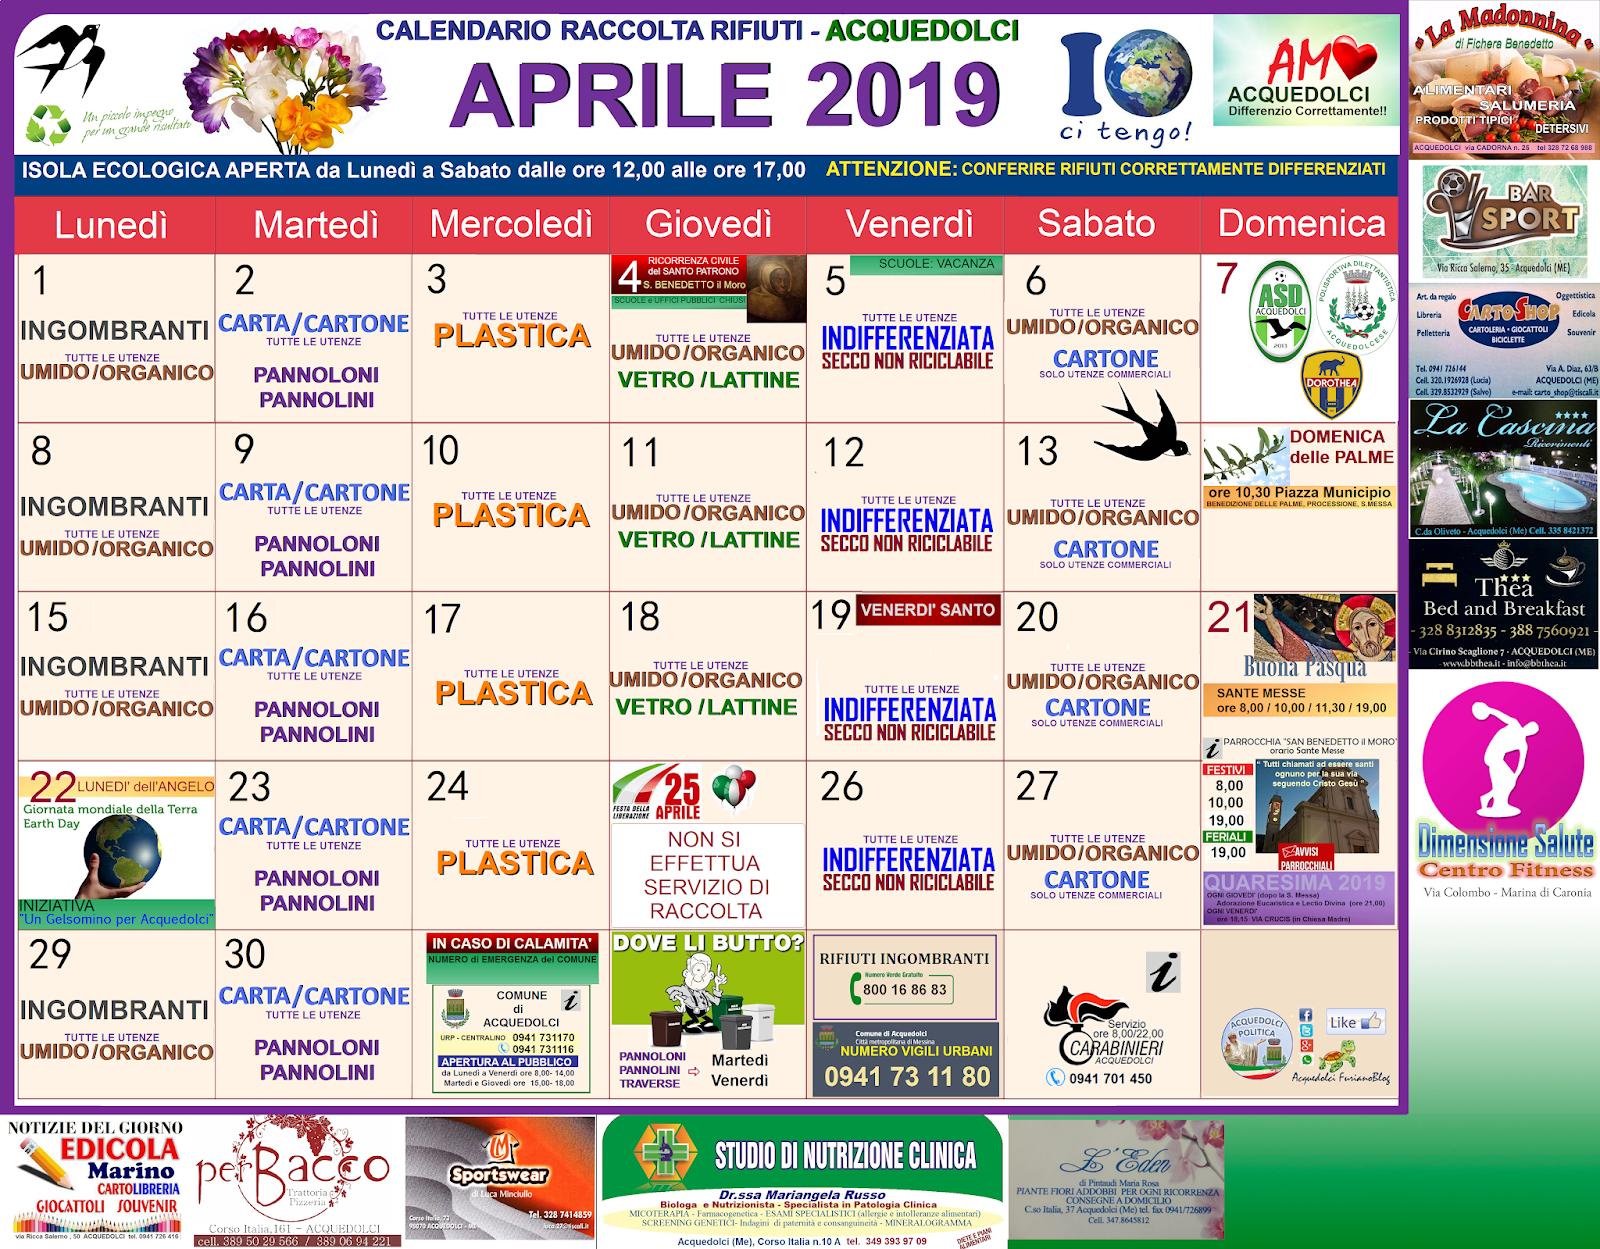 Calendario Raccolta Differenziata Sanremo.Rifiuti Calendario Del Mese Di Aprile 2019